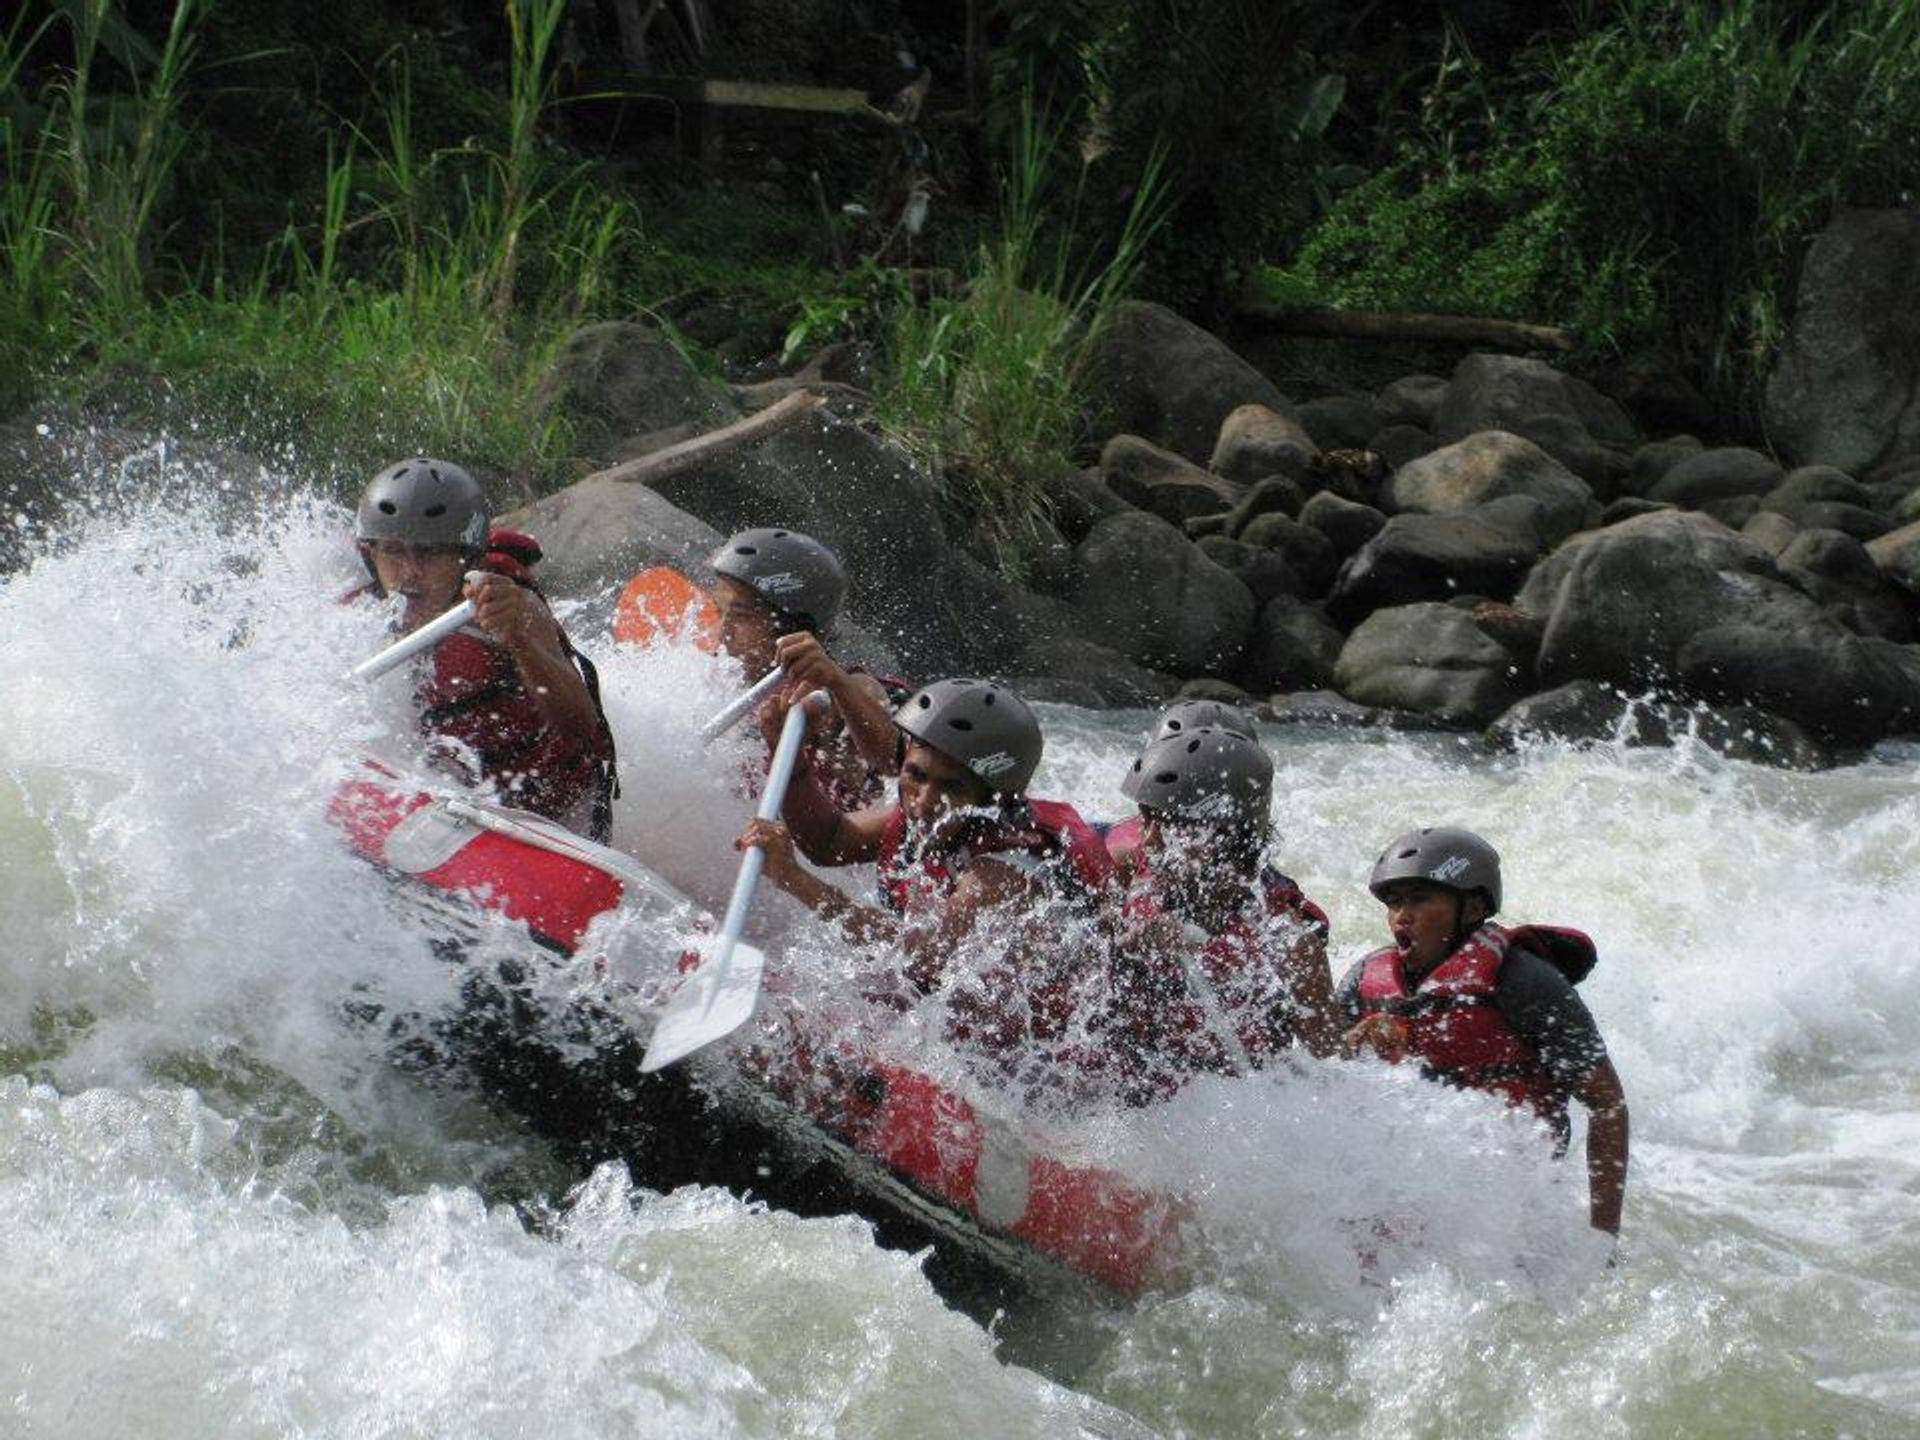 White water rafting, Wampu river, North Sumatra